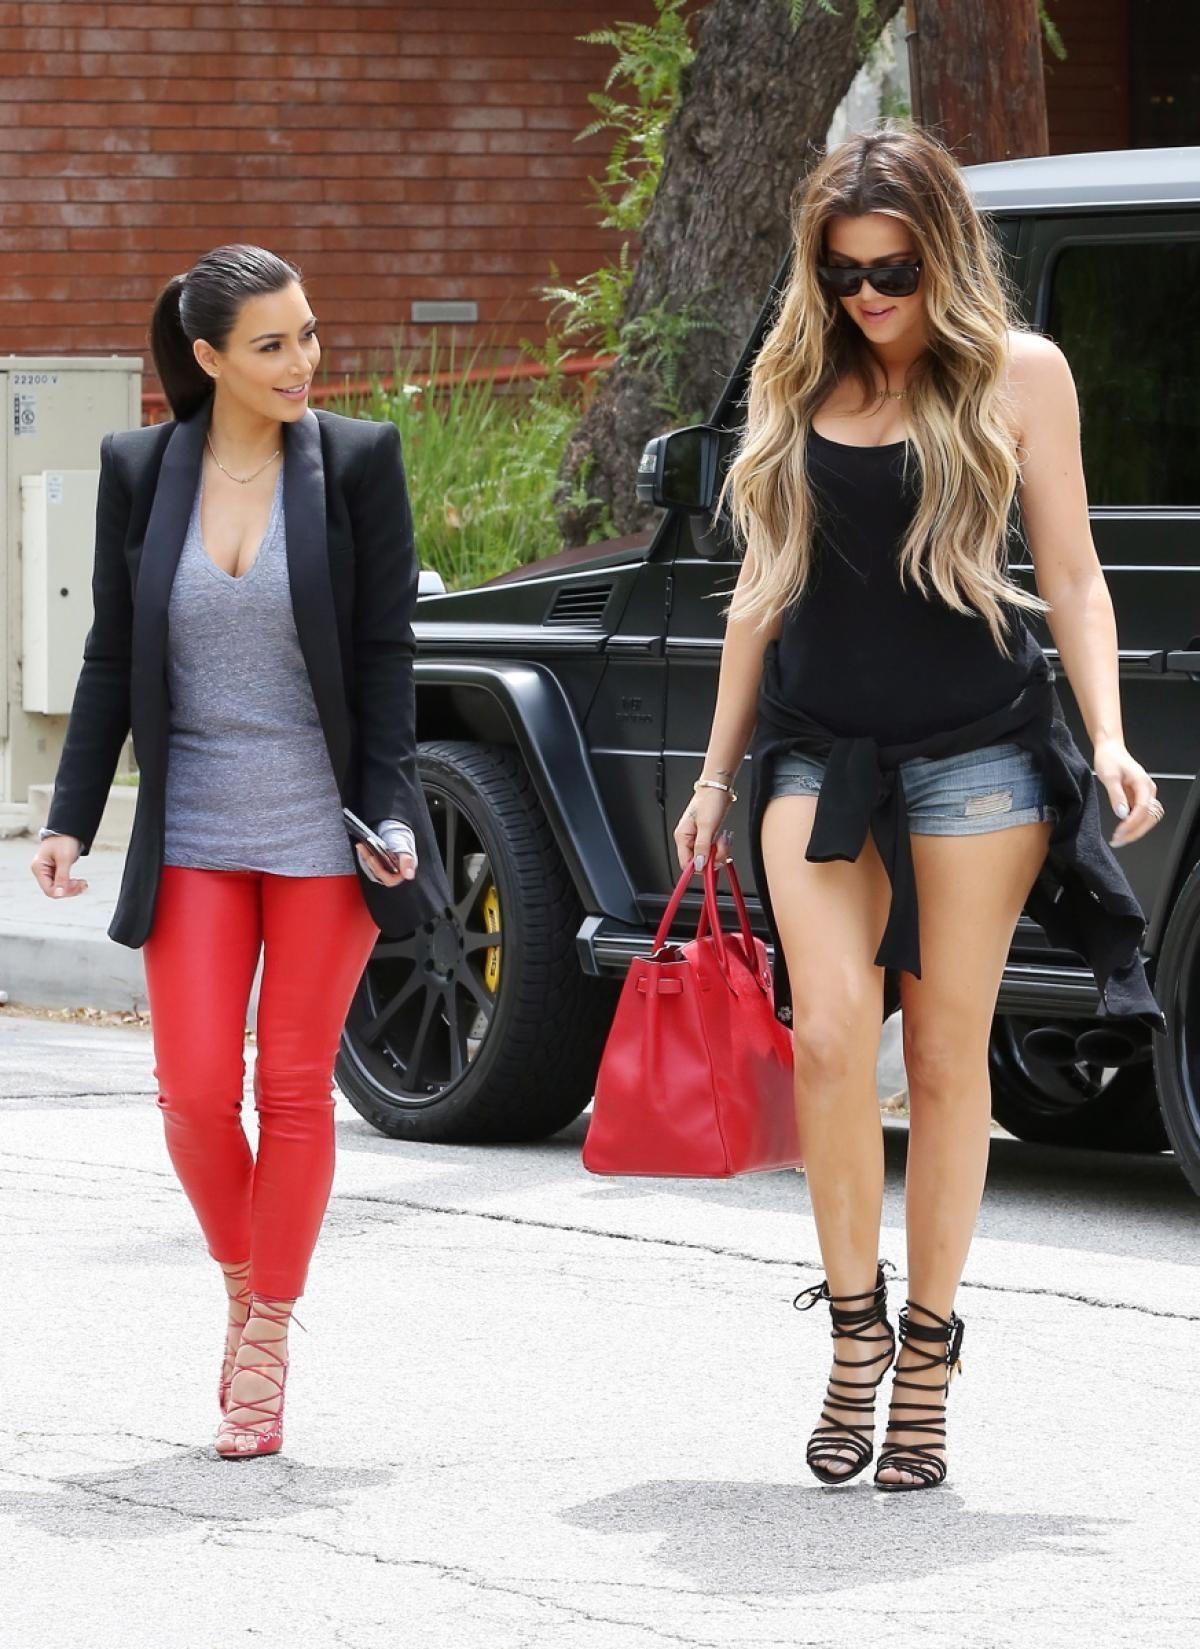 Kim Kardashian Wears Poorly Fitting Panties - 2019 year